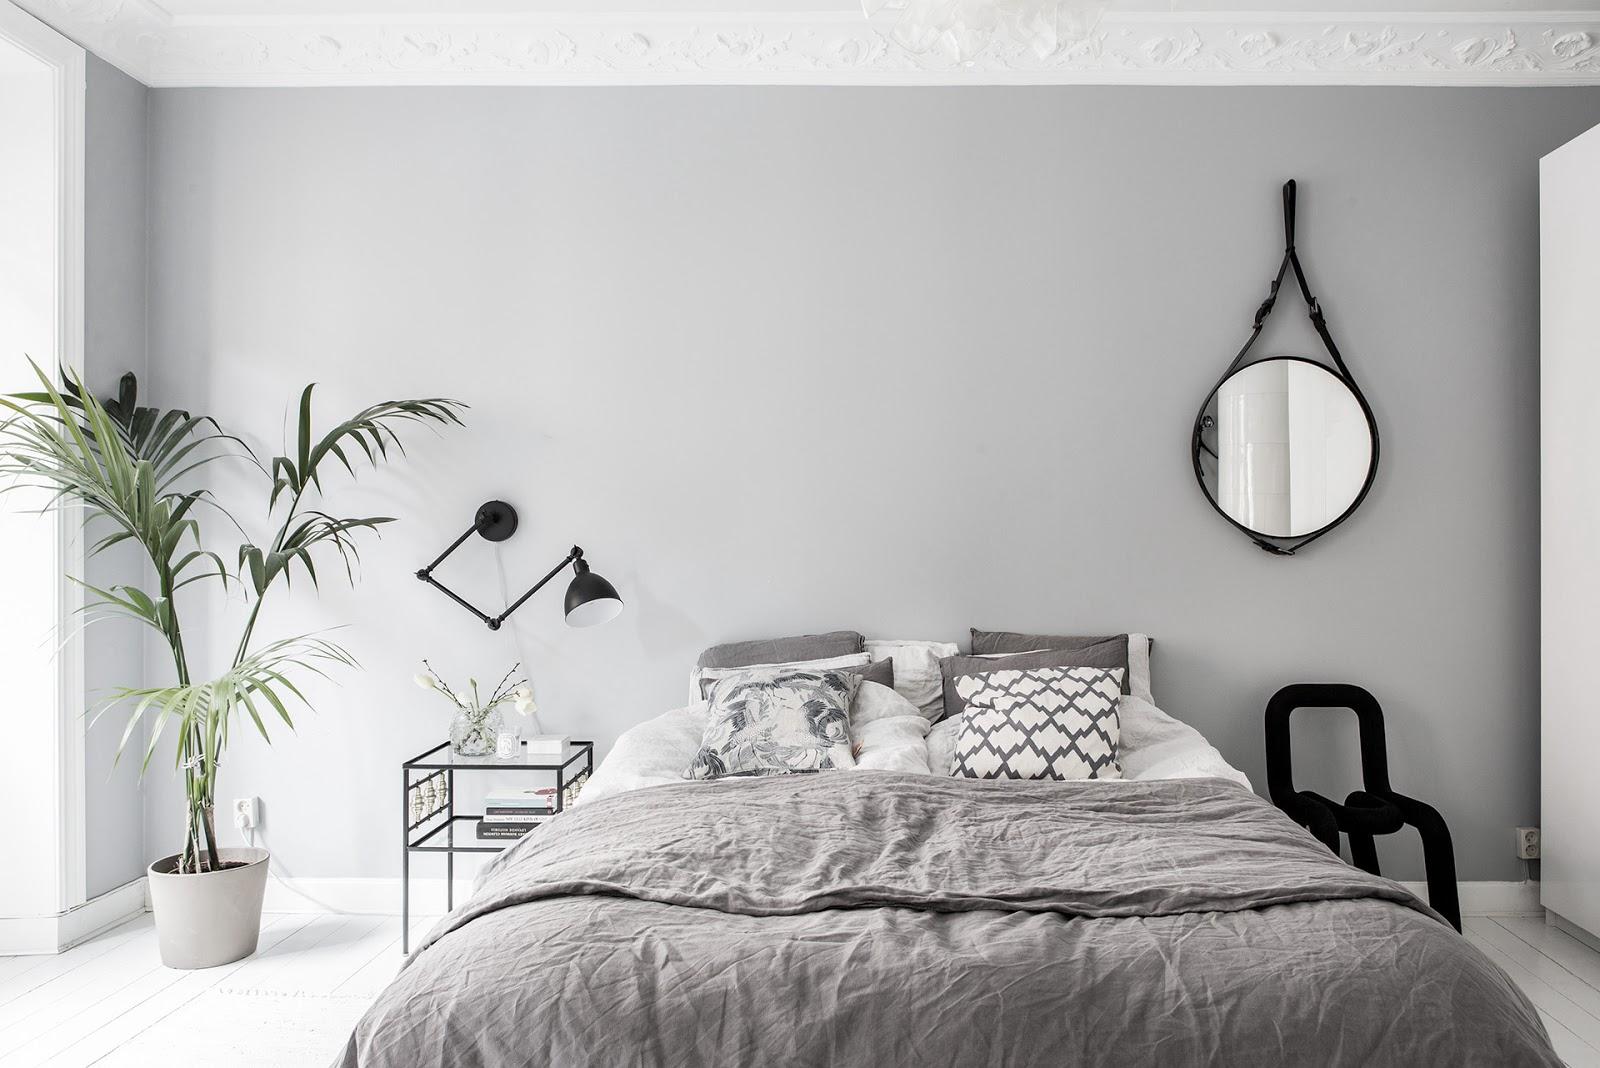 dormitorio, gris, estilo nordico, decoracion nordica, plantas, sabanas, nordico gris, interiorismo, alquimia deco,